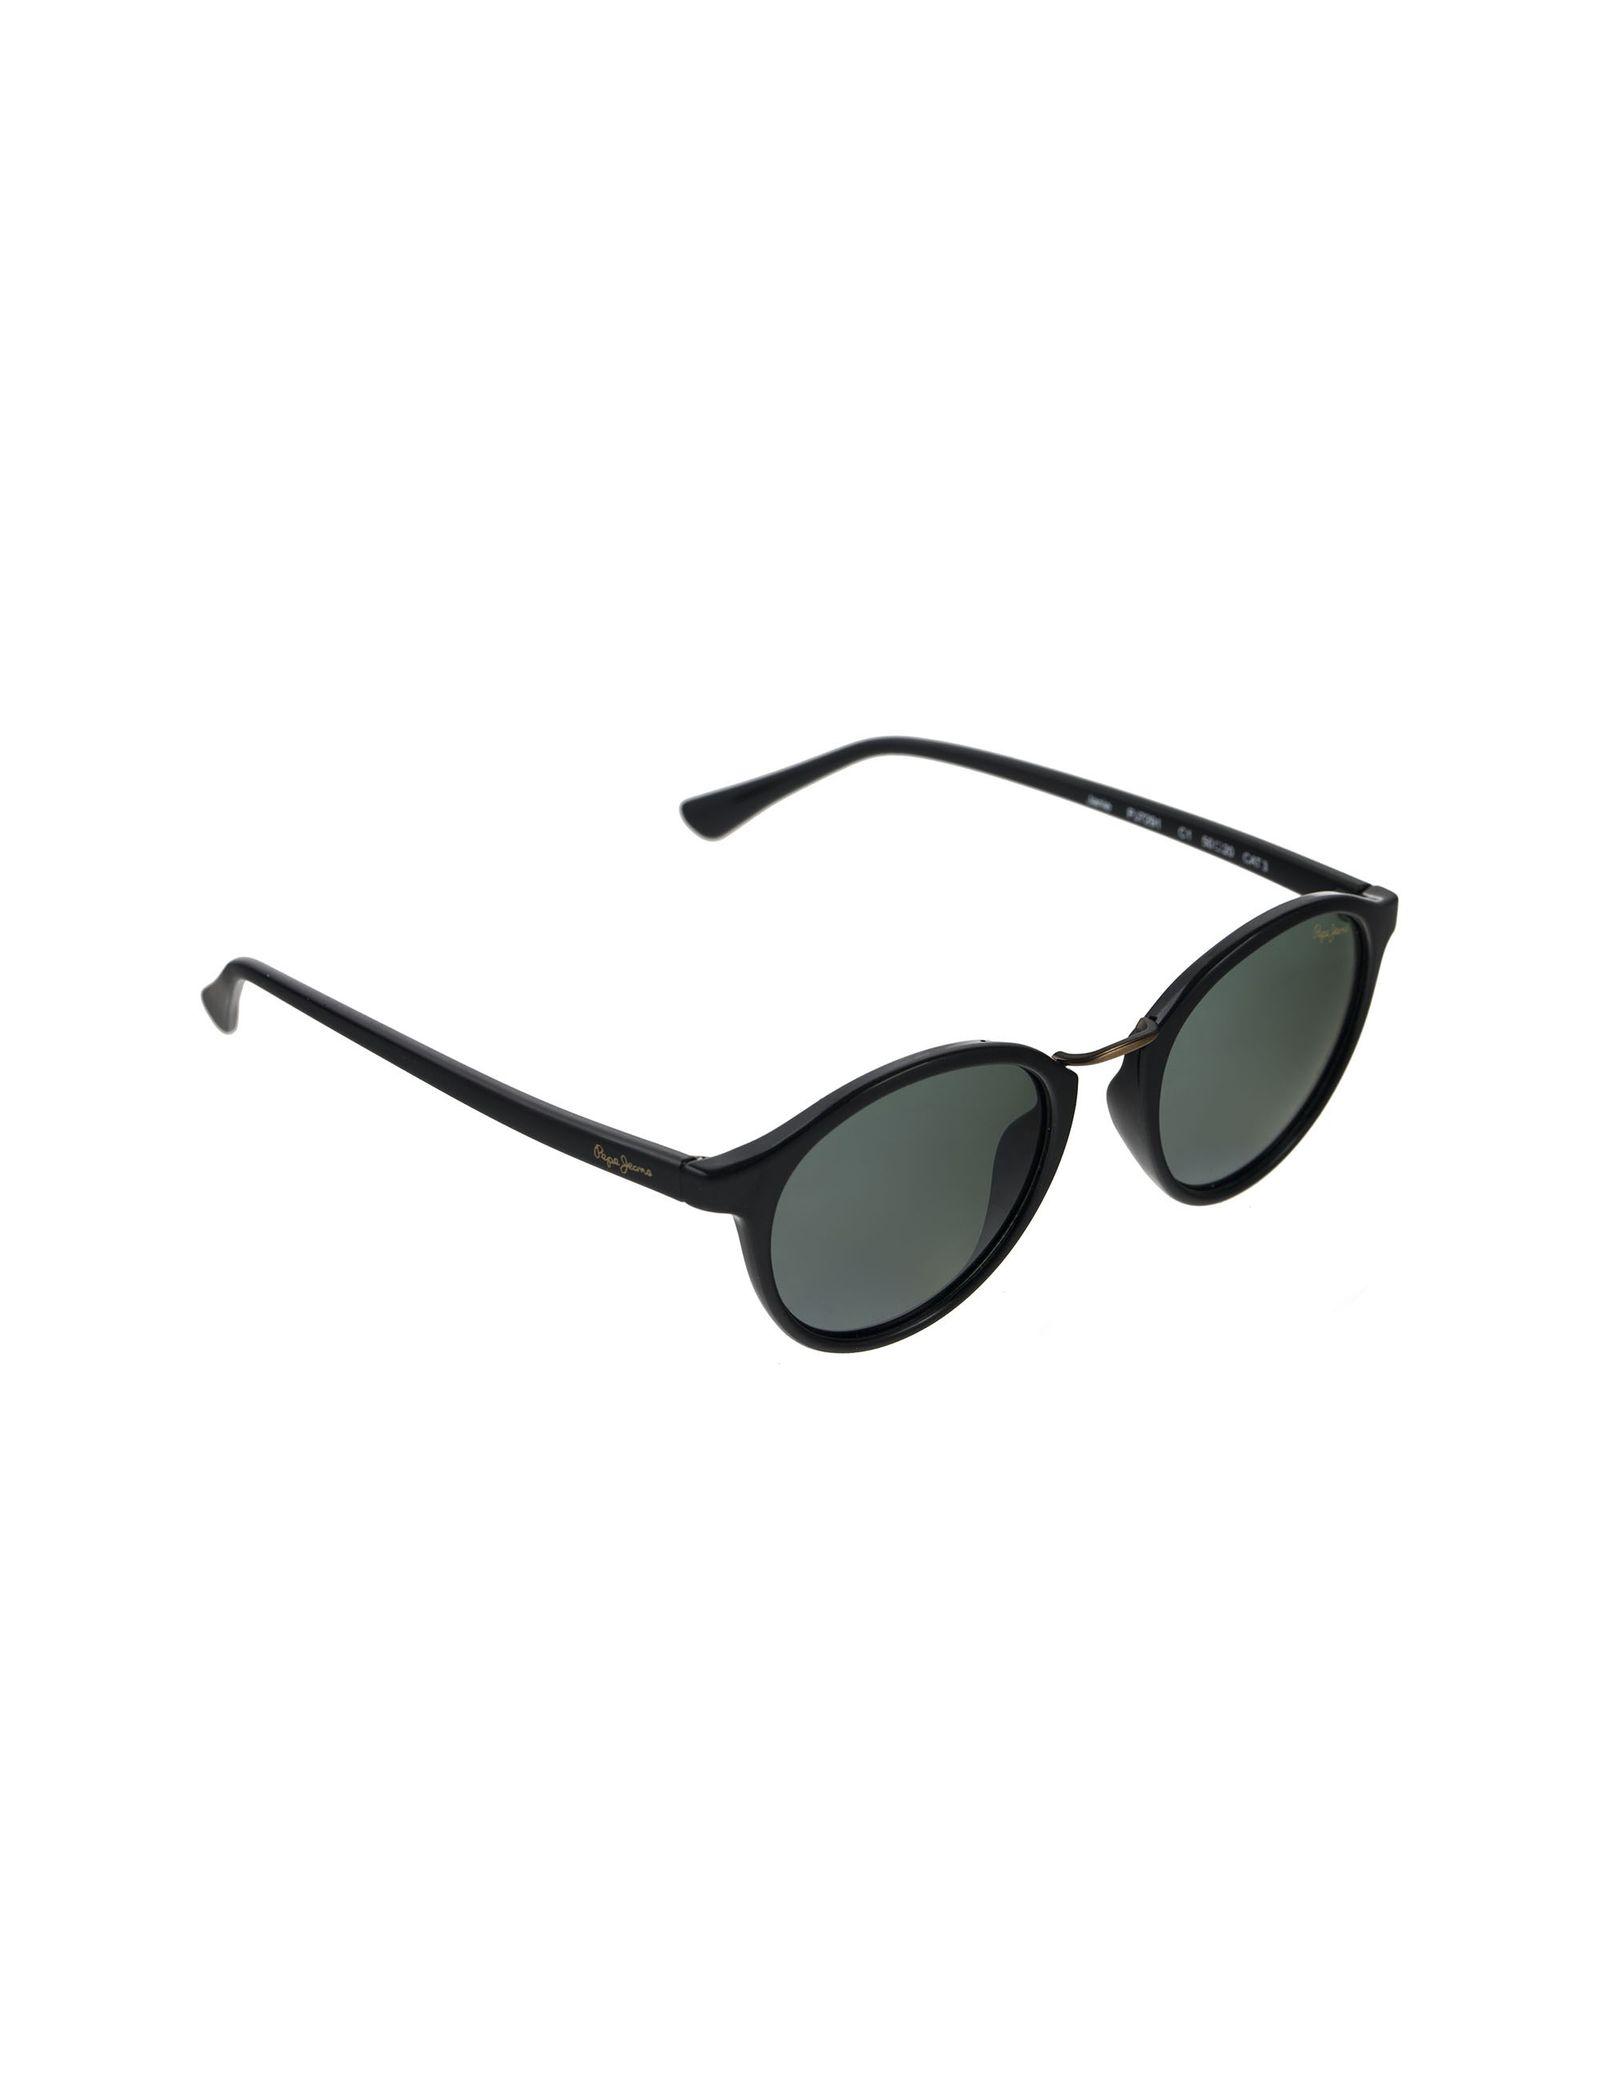 عینک آفتابی پنتوس زنانه - پپه جینز - مشکي        - 2